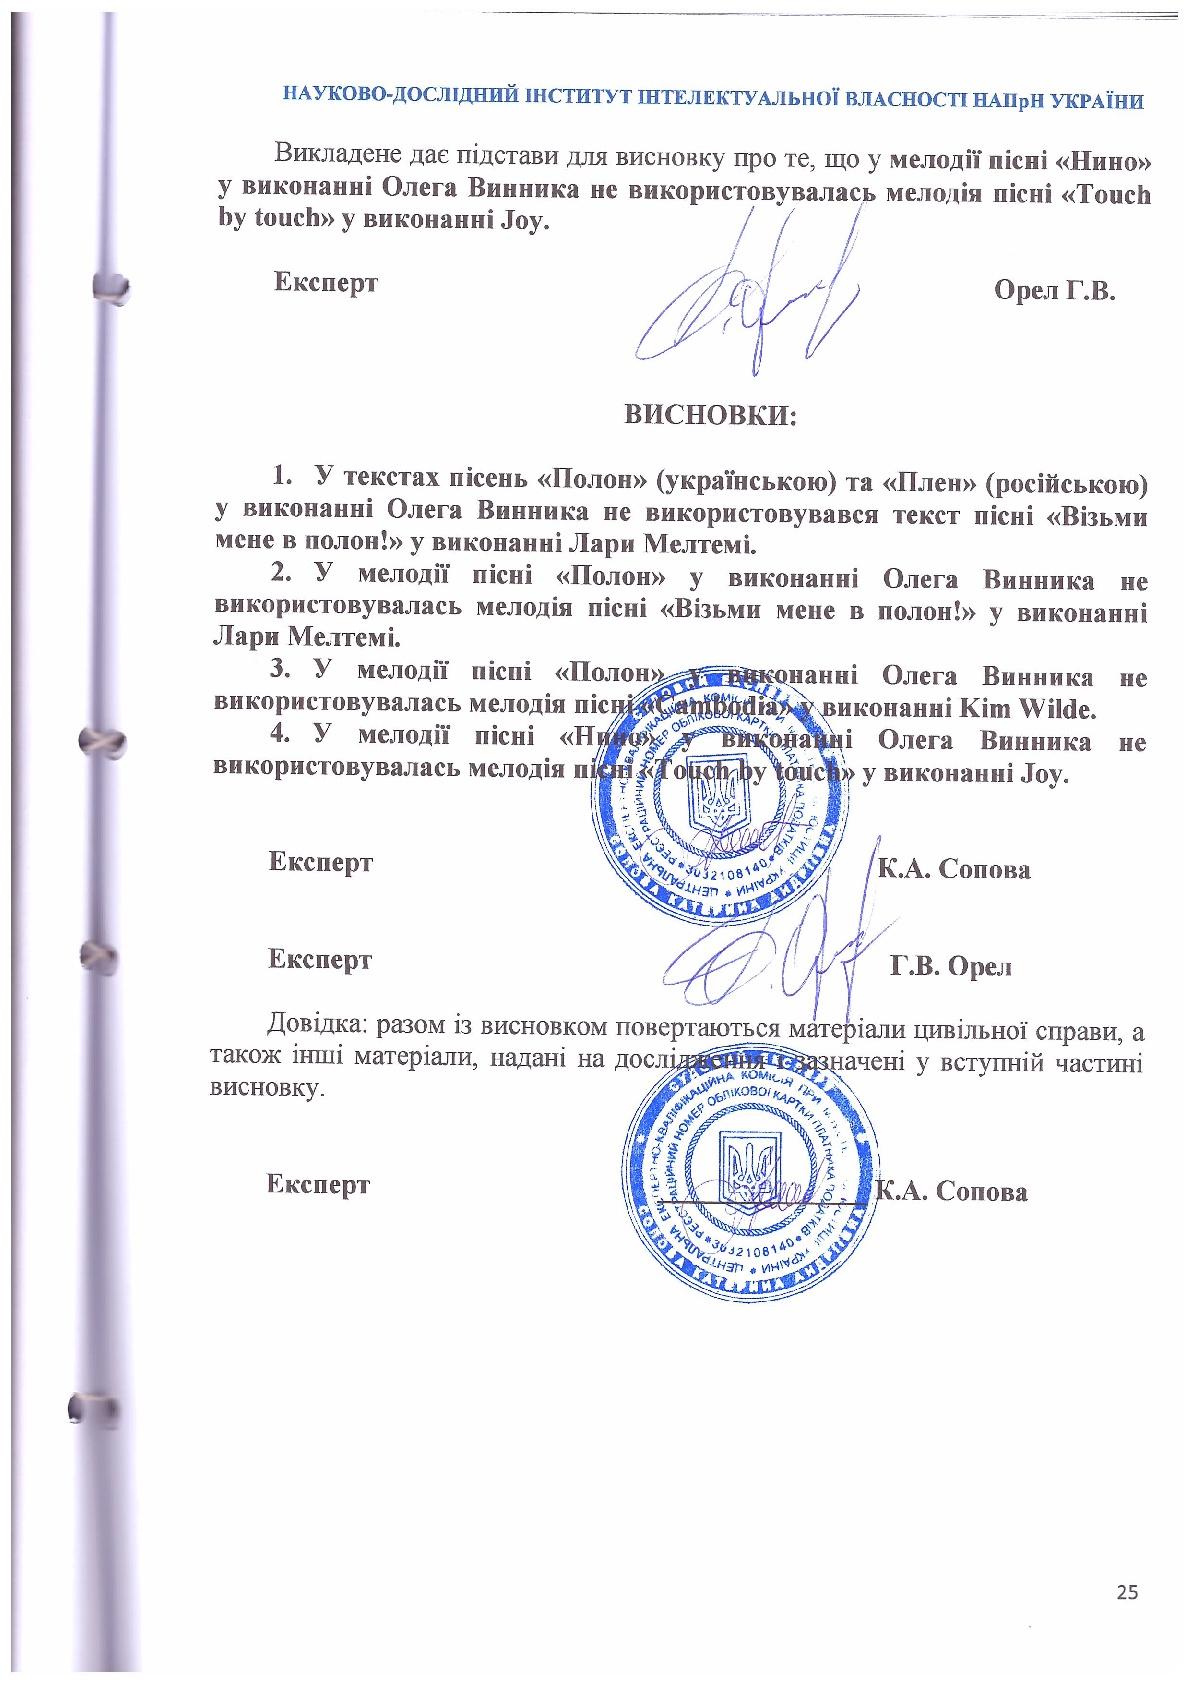 """""""Я чесний артист"""": Олег Винник прокоментував скандал з плагіатом"""